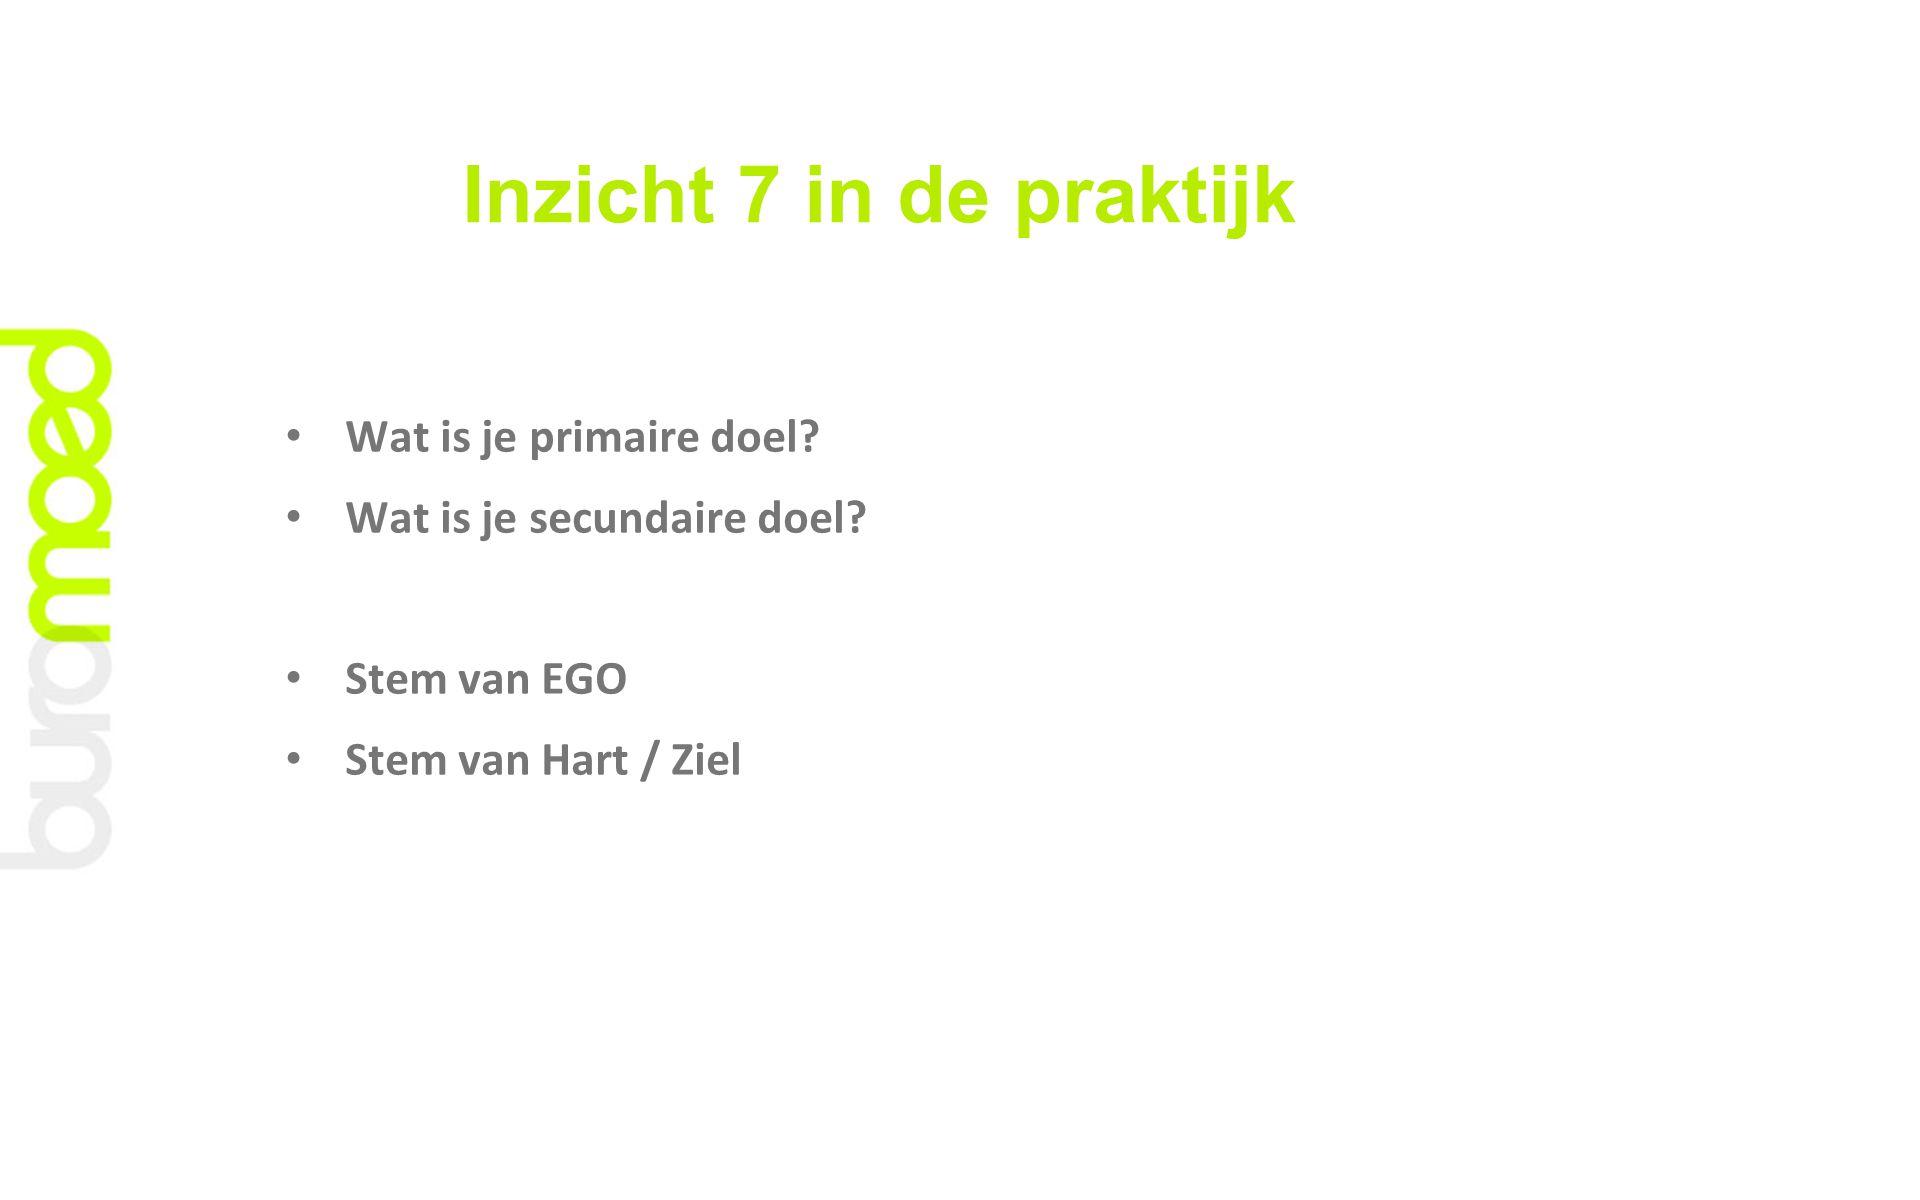 Inzicht 7 in de praktijk Wat is je primaire doel? Wat is je secundaire doel? Stem van EGO Stem van Hart / Ziel